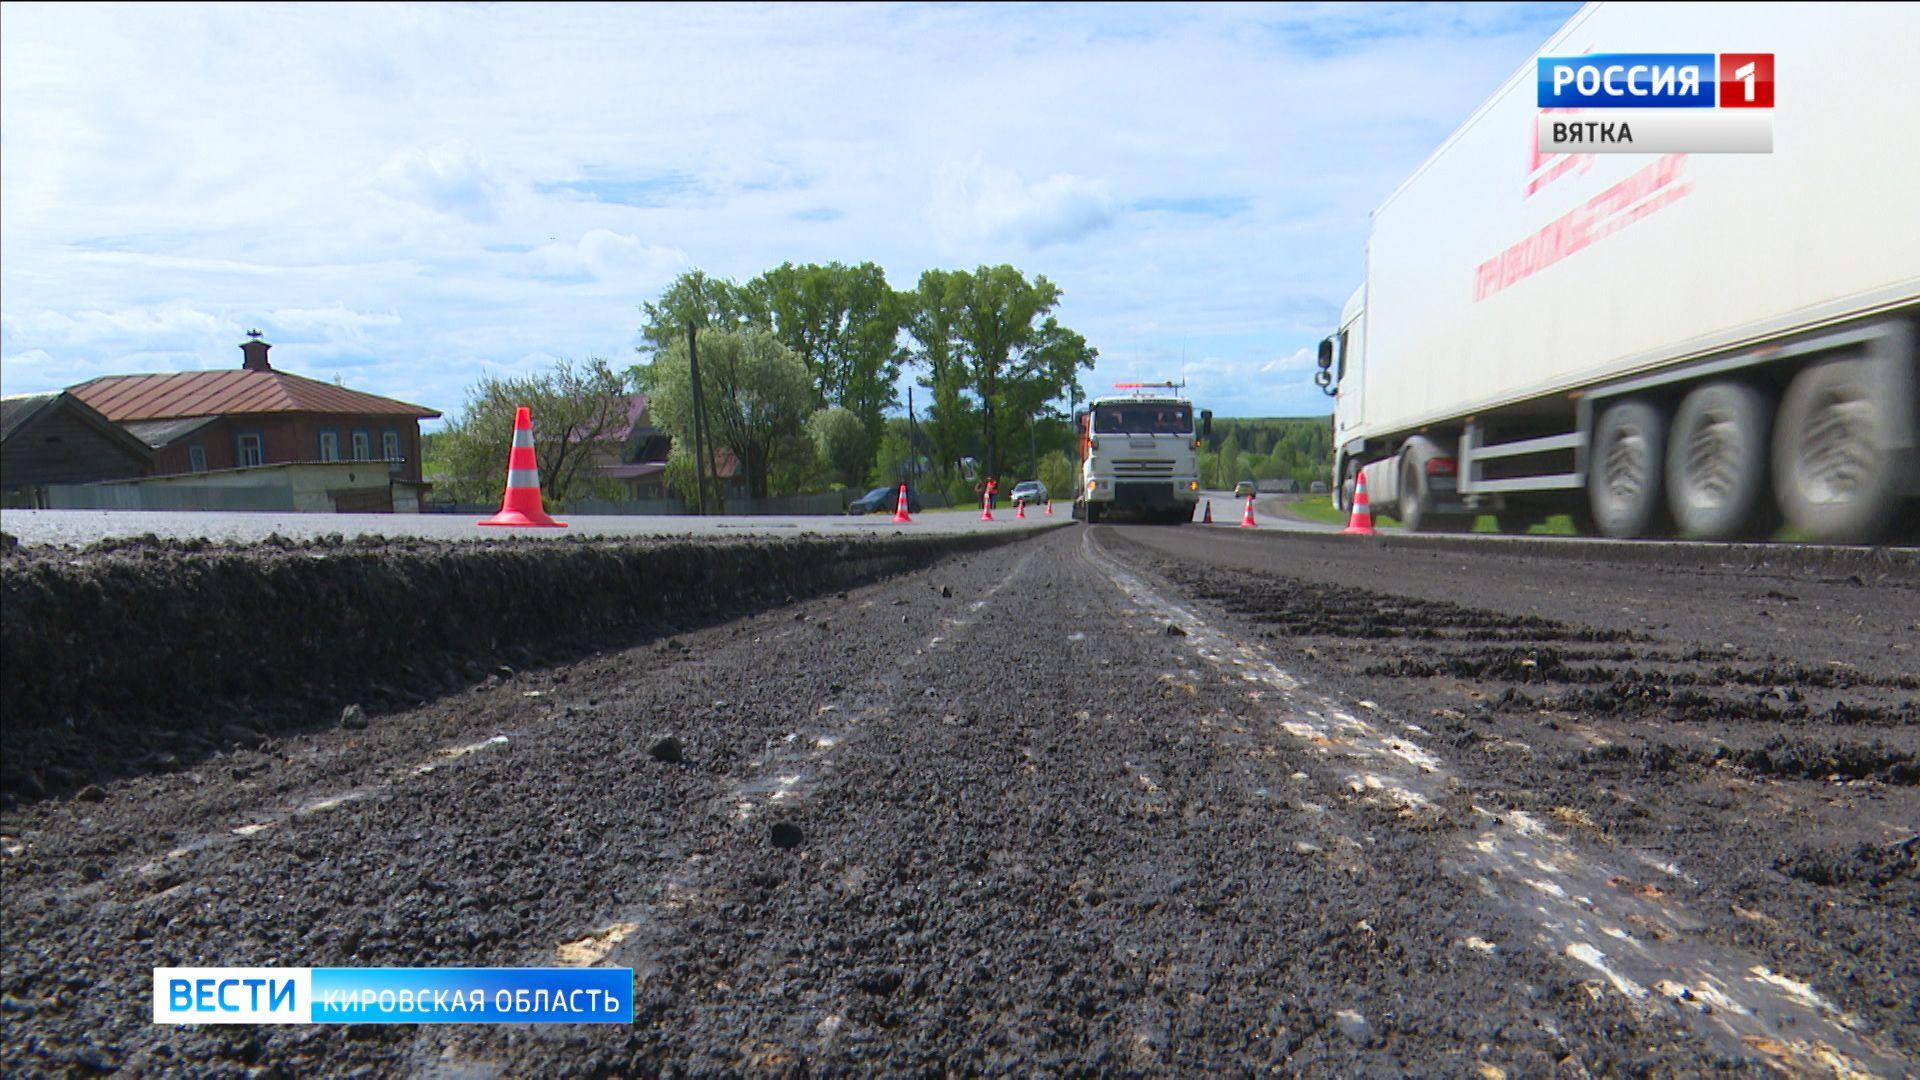 Дорогу в Белую Холуницу пообещали отремонтировать до июля